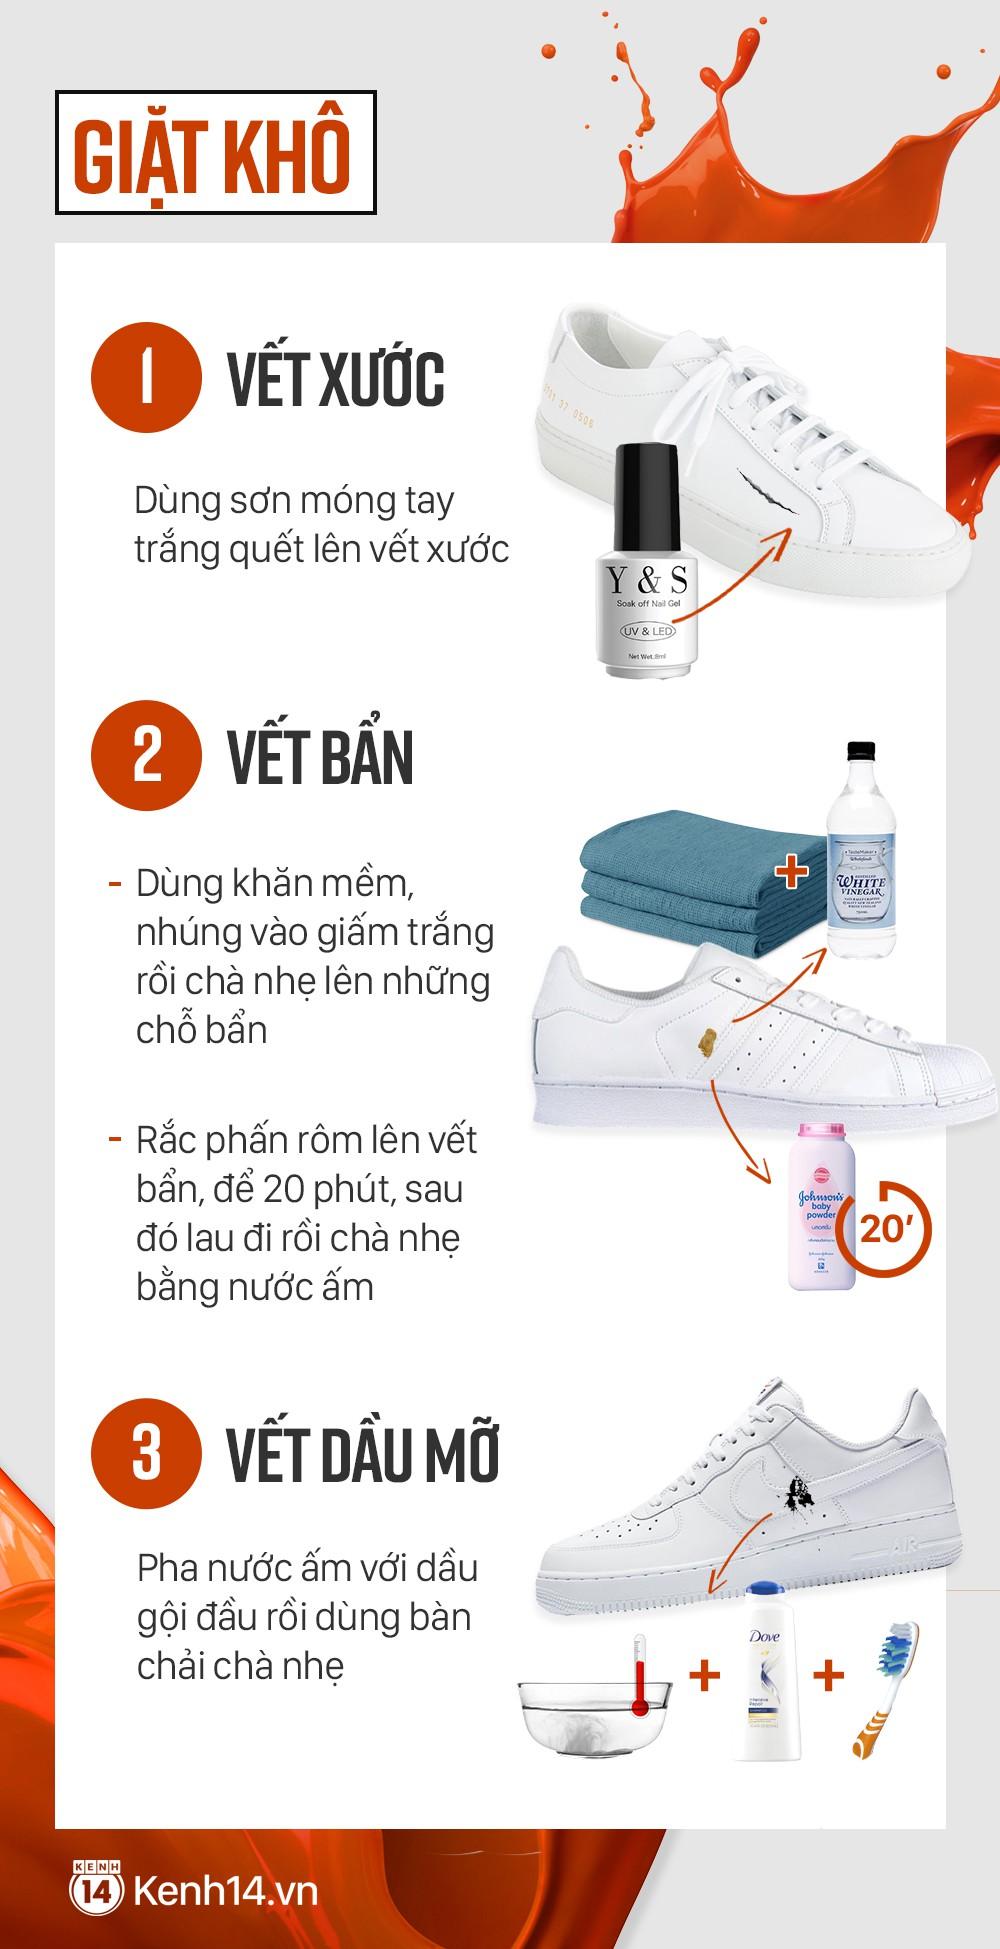 Cẩm nang xử lý mọi vấn đề, giúp cho đôi sneaker trắng của bạn lúc nào cũng tinh tươm như mới - Ảnh 3.